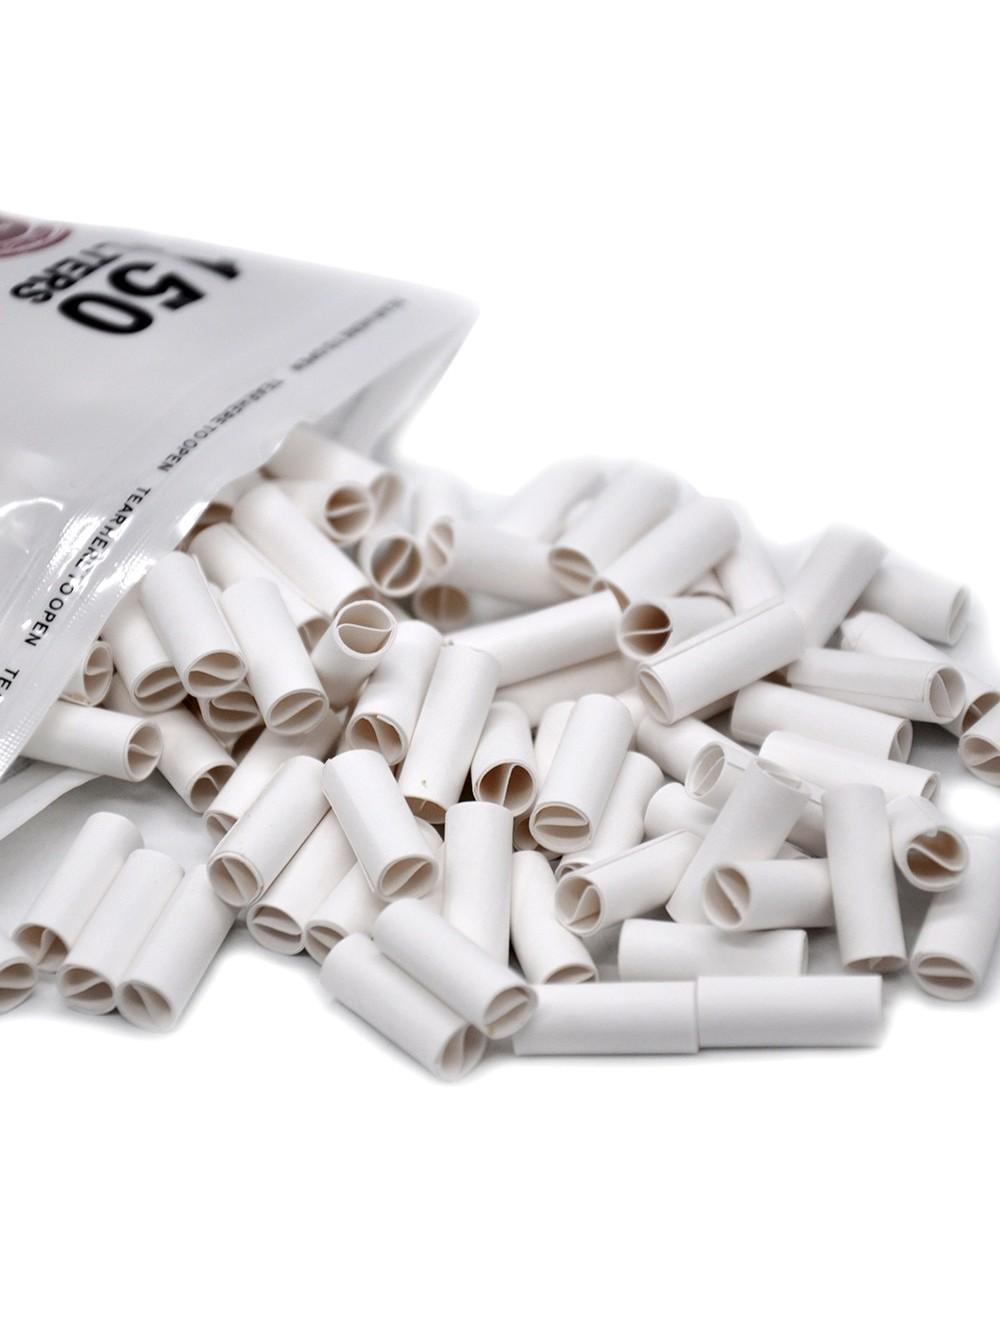 купить в москве фильтры для сигарет